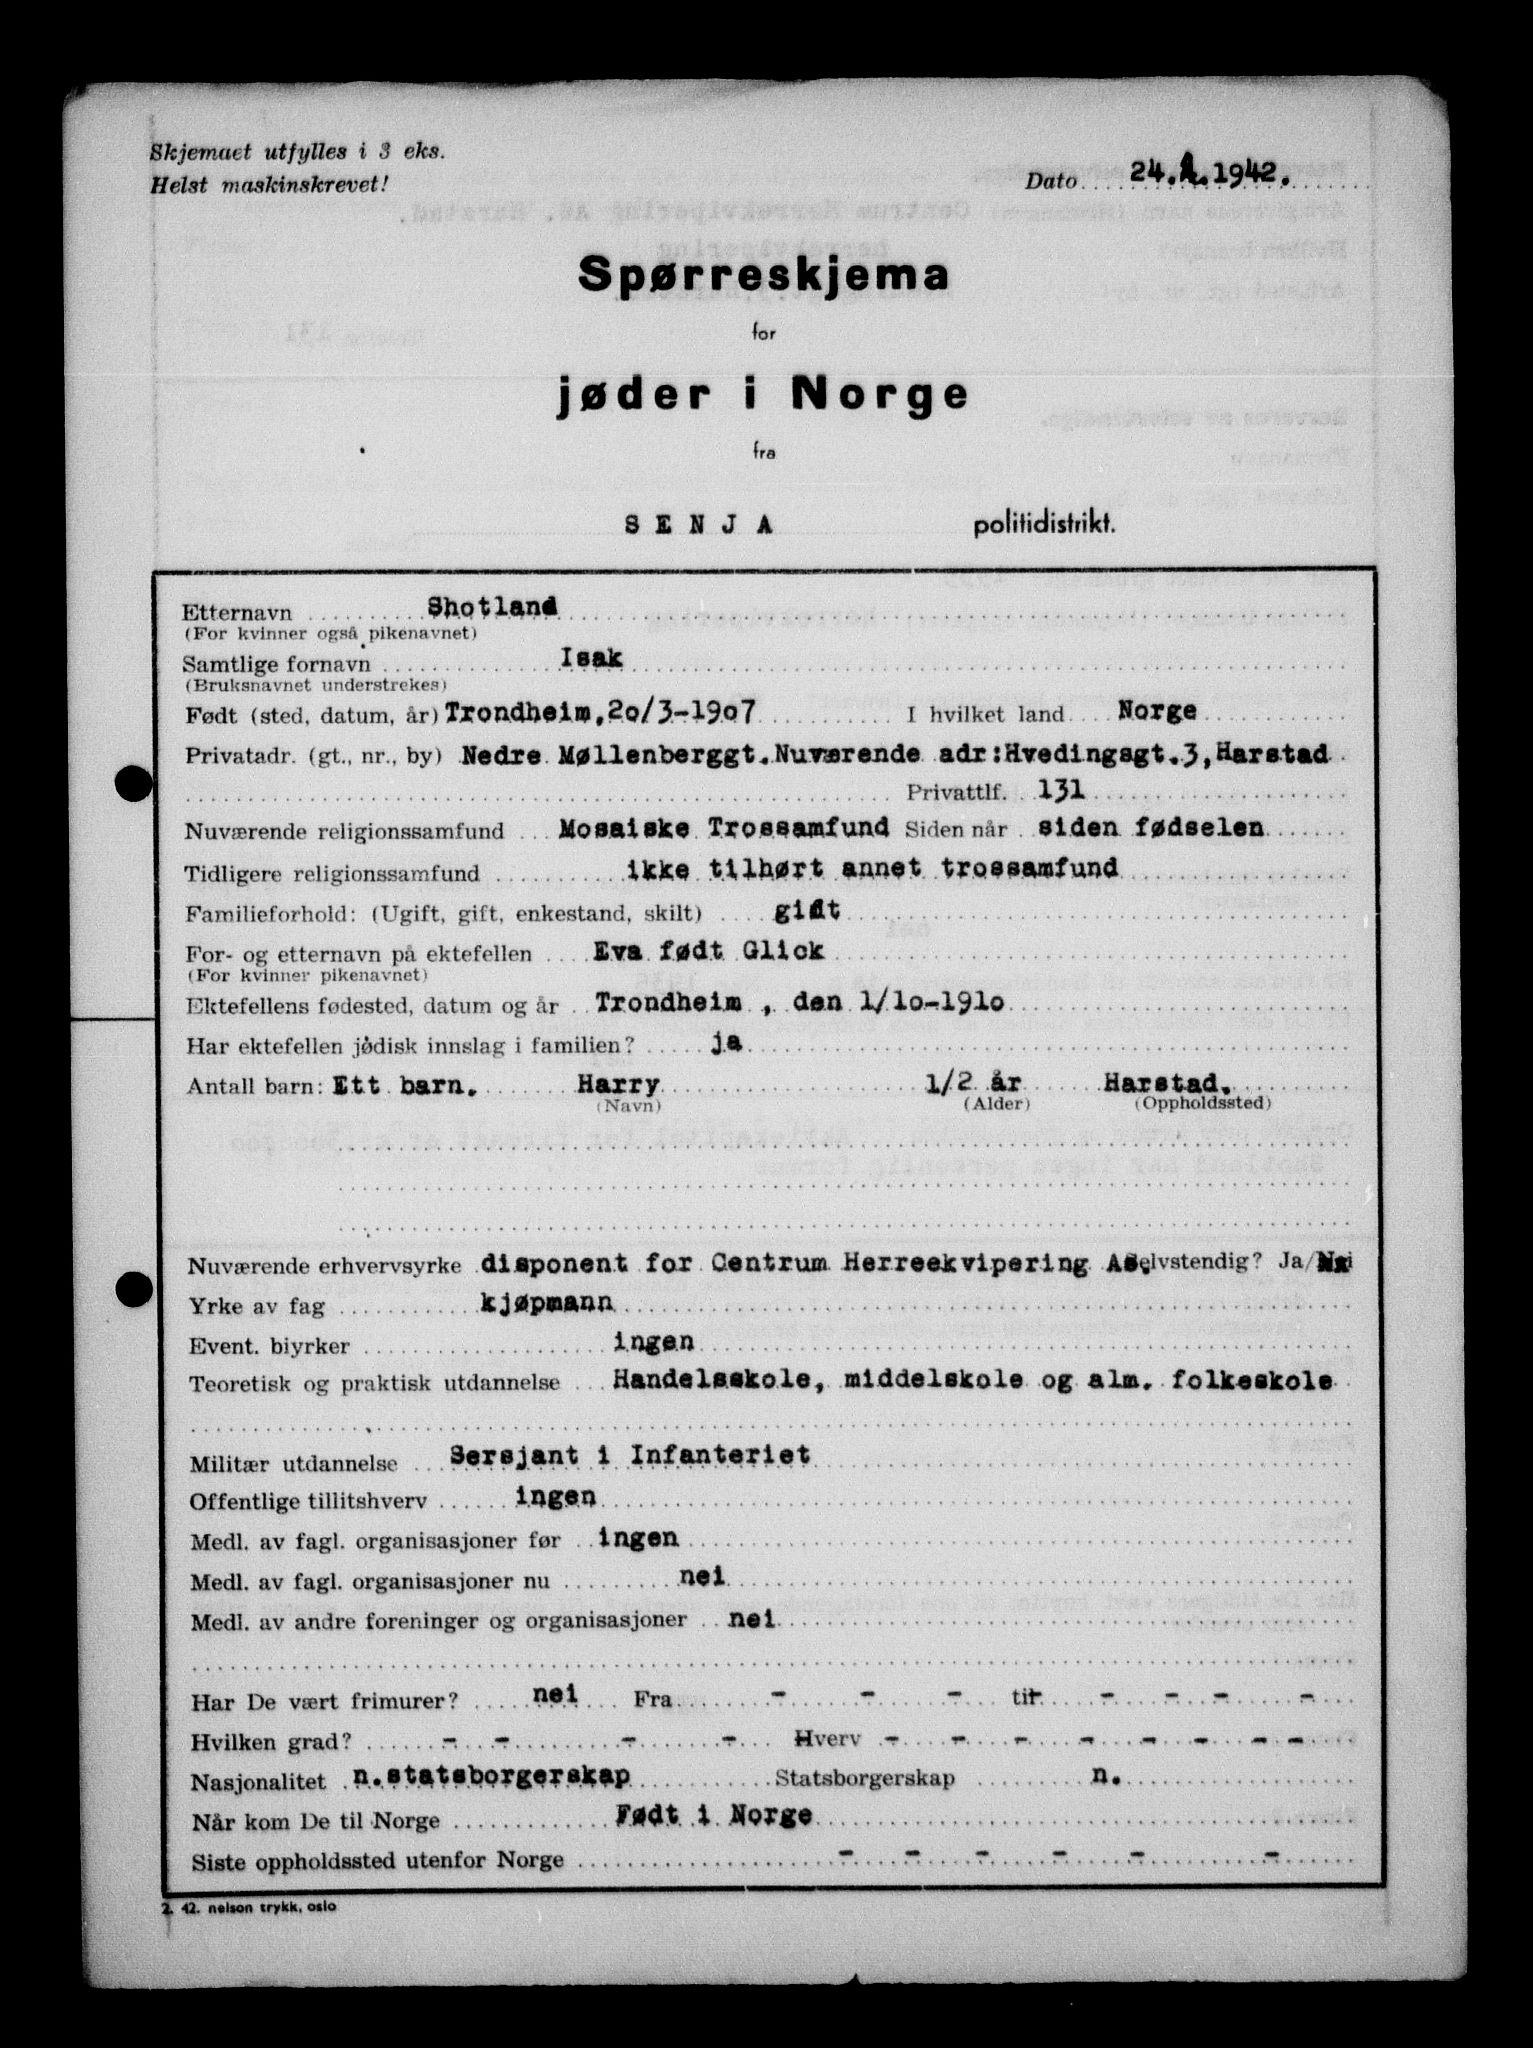 RA, Statspolitiet - Hovedkontoret / Osloavdelingen, G/Ga/L0013: Spørreskjema for jøder i Norge. 1: Sandefjord-Trondheim. 2: Tønsberg- Ålesund.  3: Skriv vedr. jøder A-H.  , 1942-1943, s. 8